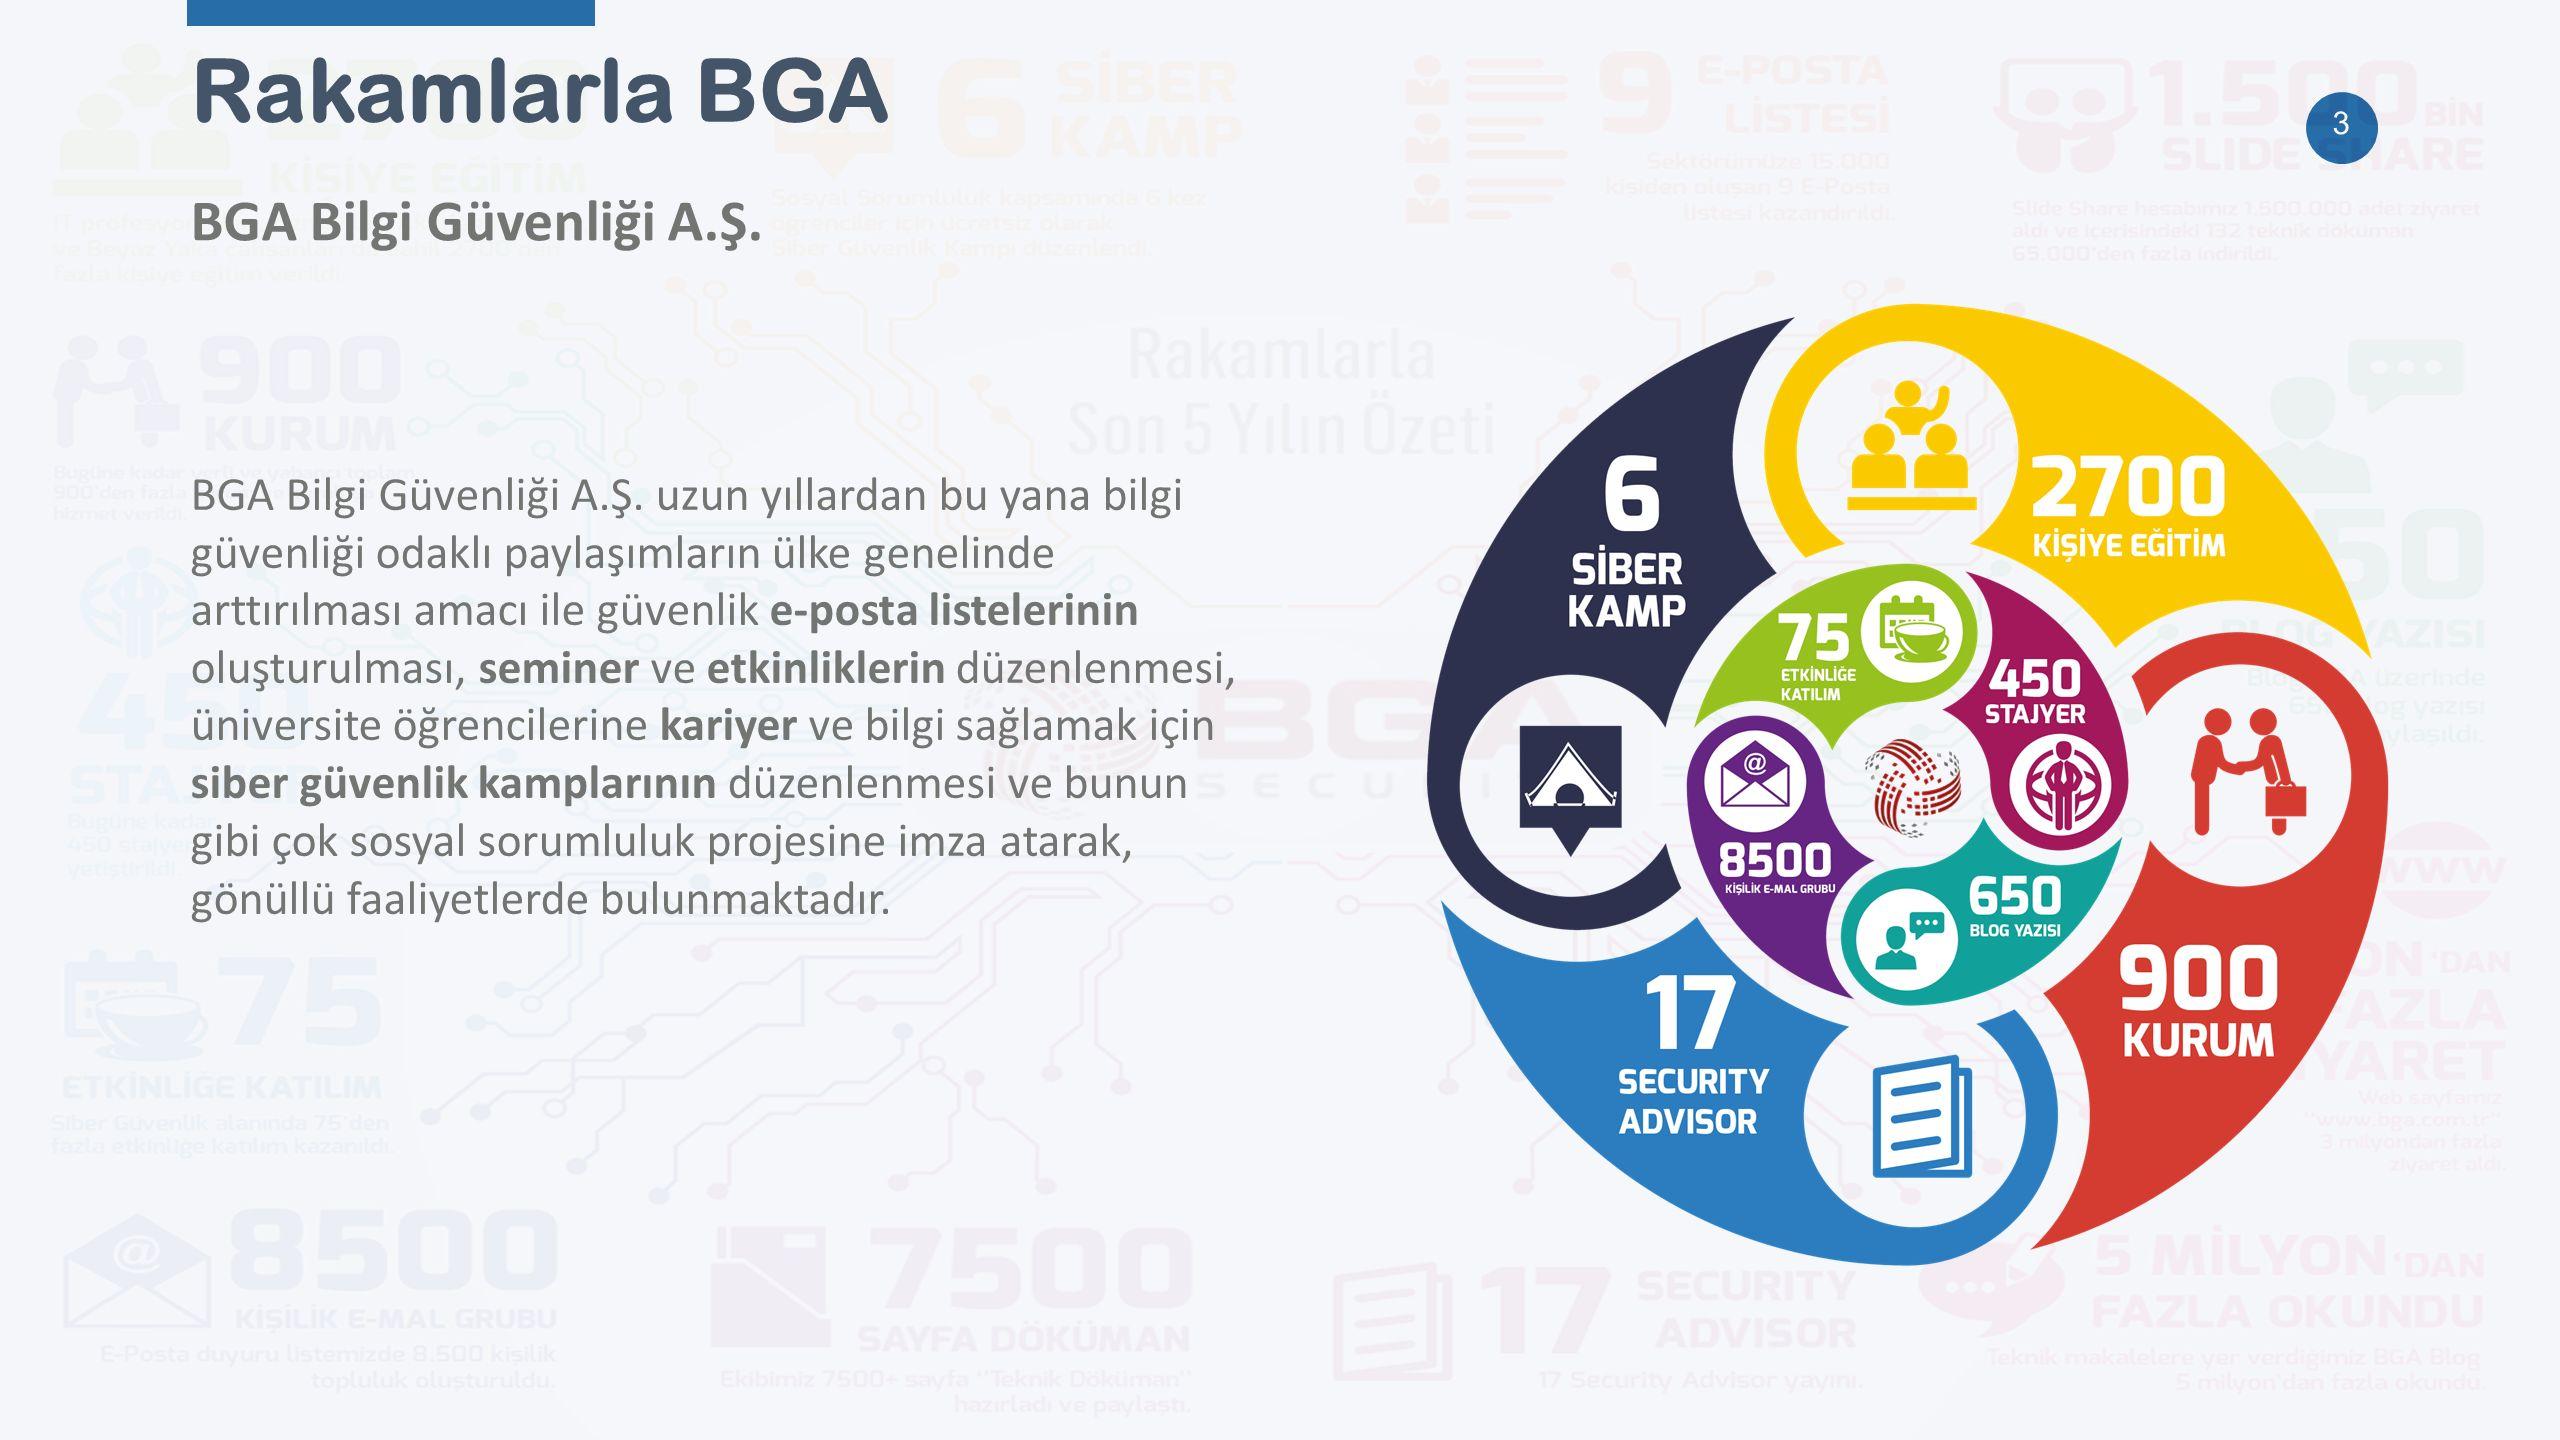 14 Siber Güvenlik Karnesi Kurum yatırımlarının verimliliğini ve kurumun mevcut güvenlik risk seviyesini belirlemek amacıyla gerçekleştirilen bir çalışmadır.